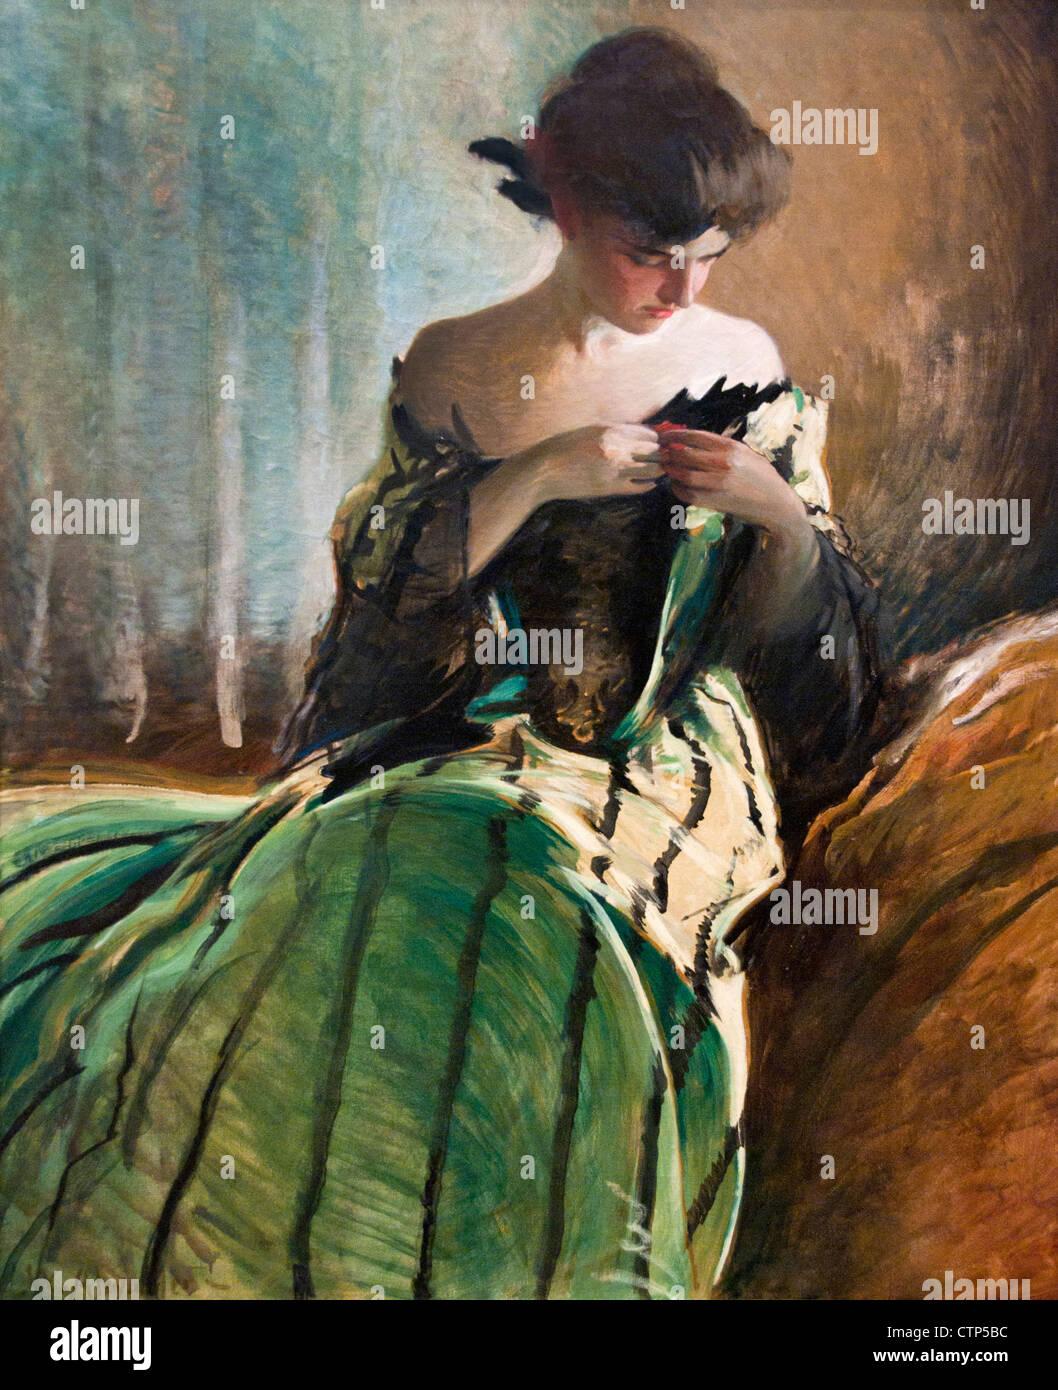 Studieren Sie in schwarz und grün 1906 John White Alexander amerikanische Vereinigte Staaten von Amerika Stockbild